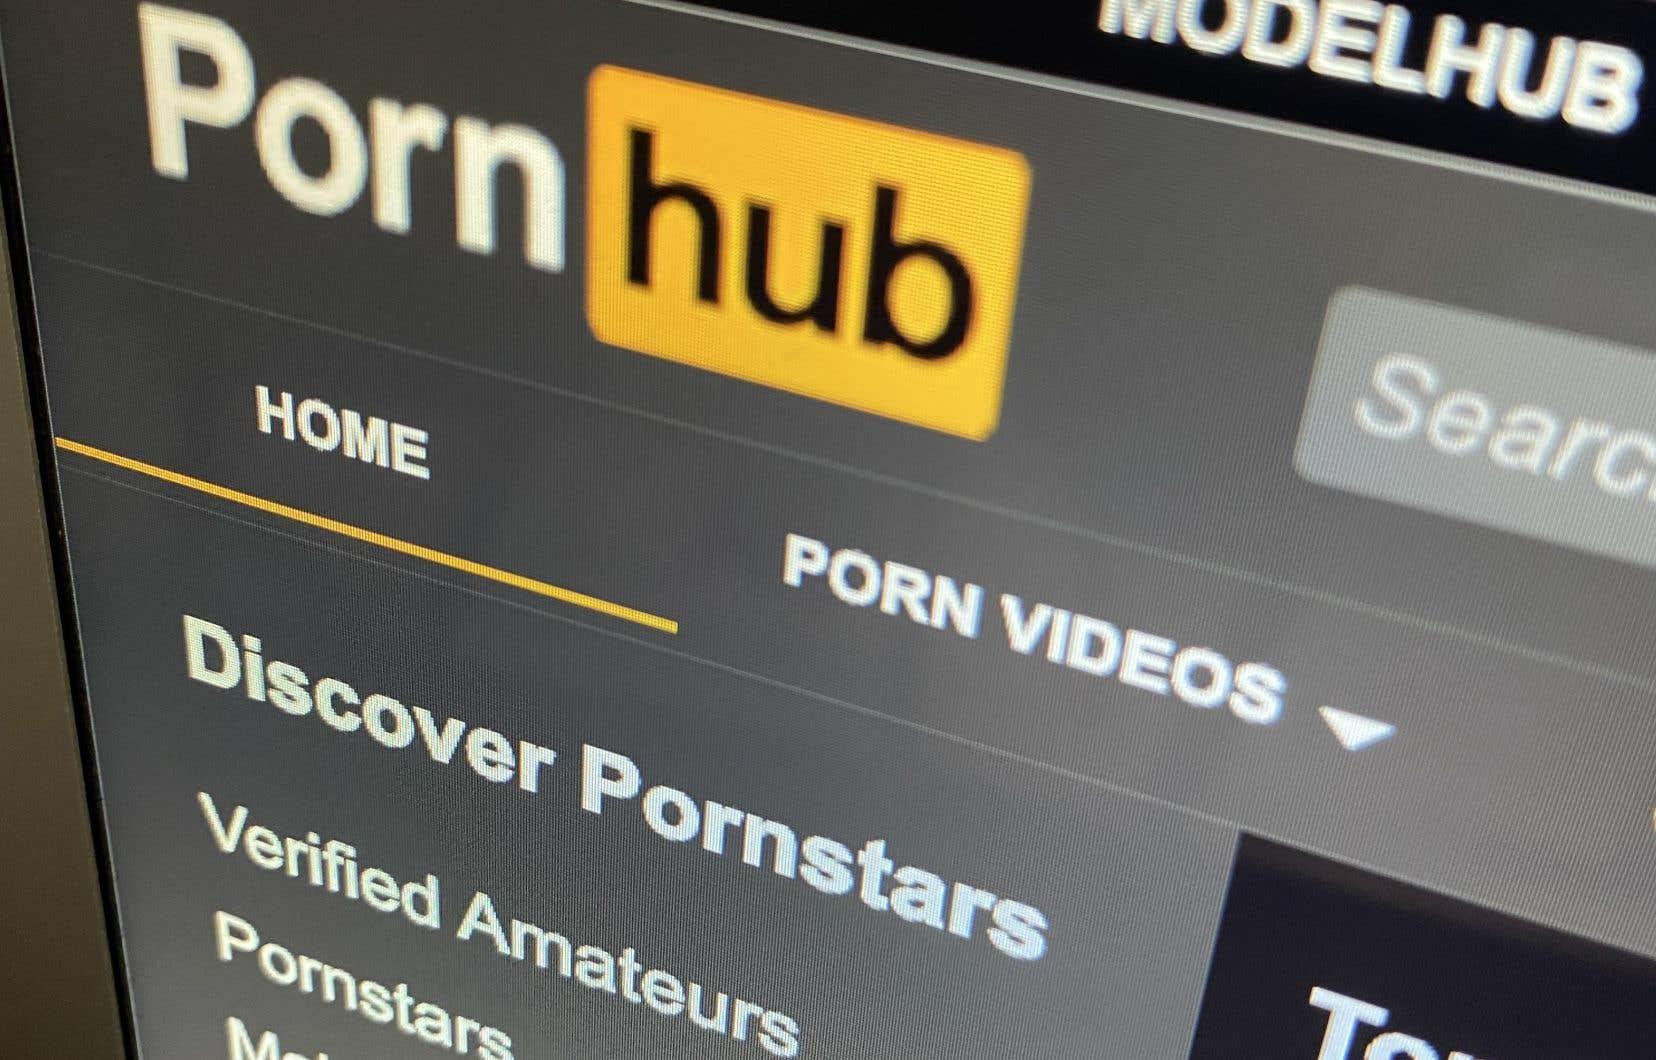 Selon les alléguations, la compagnie mettrait régulièrement en ligne de la pornographie juvénile et des vidéos d'agressions sexuelles, ainsi que du contenu enregistré ou publié sans le consentement des sujets.